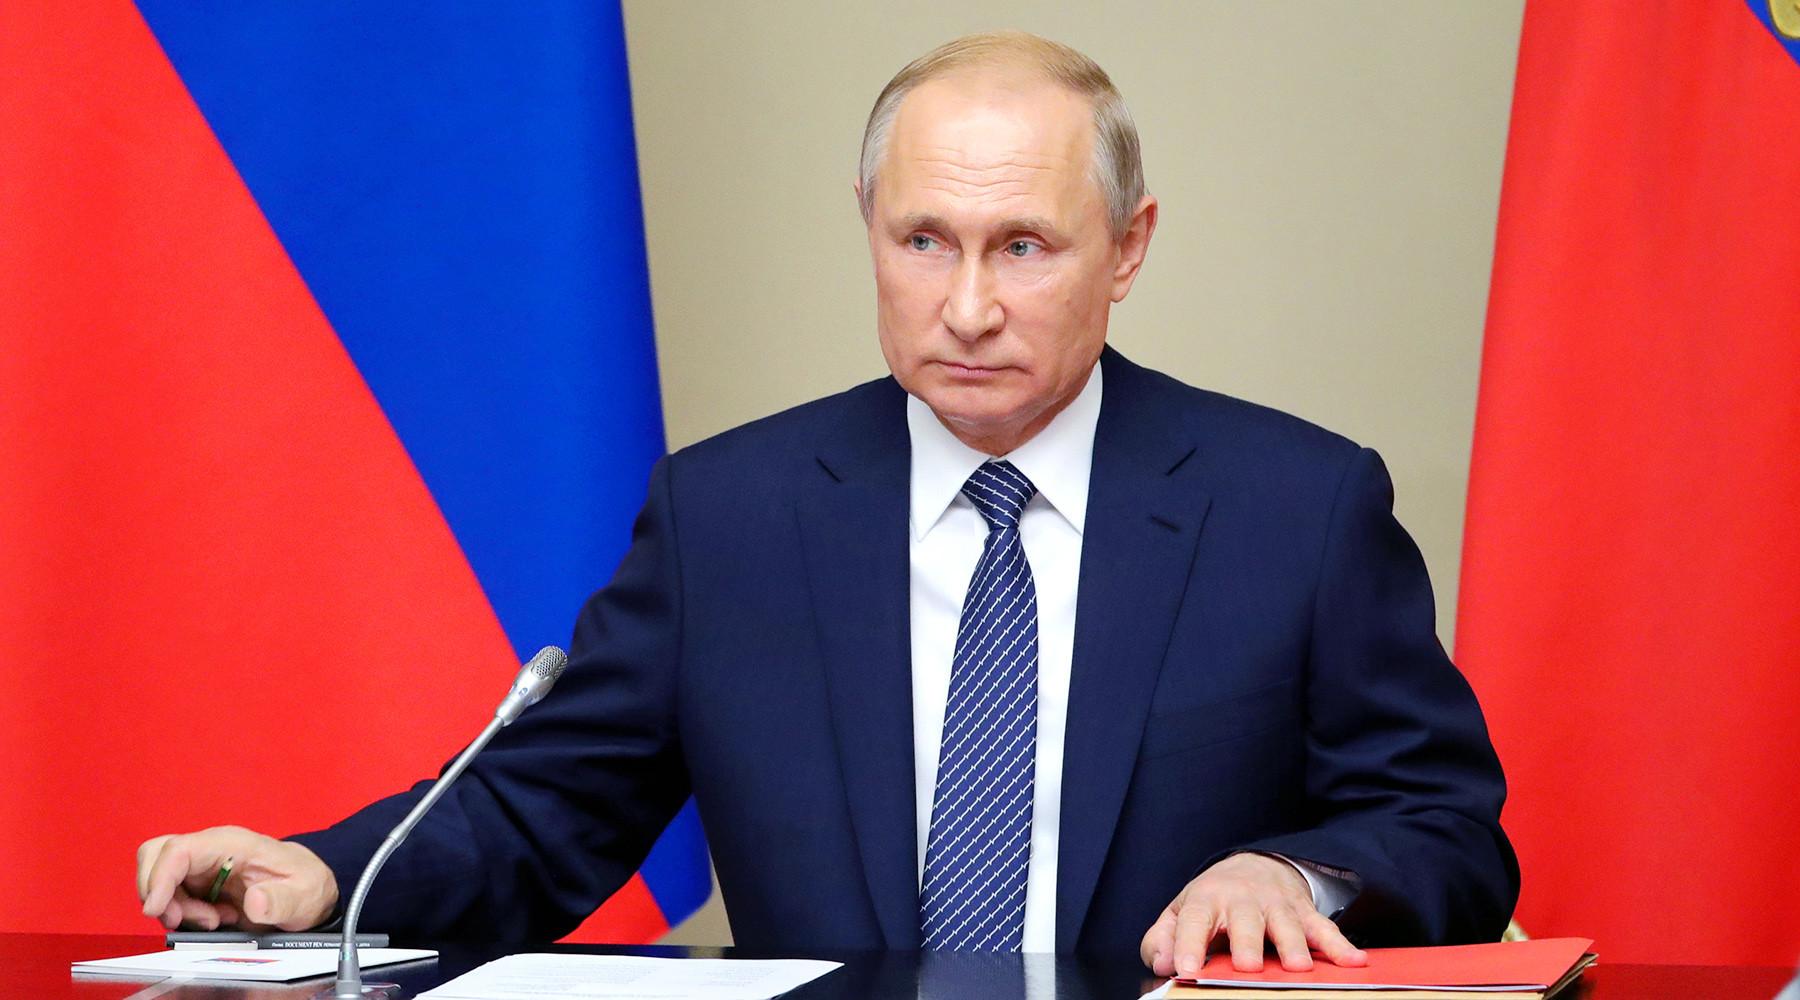 Последние новости России — сегодня 15 августа 2019 россия